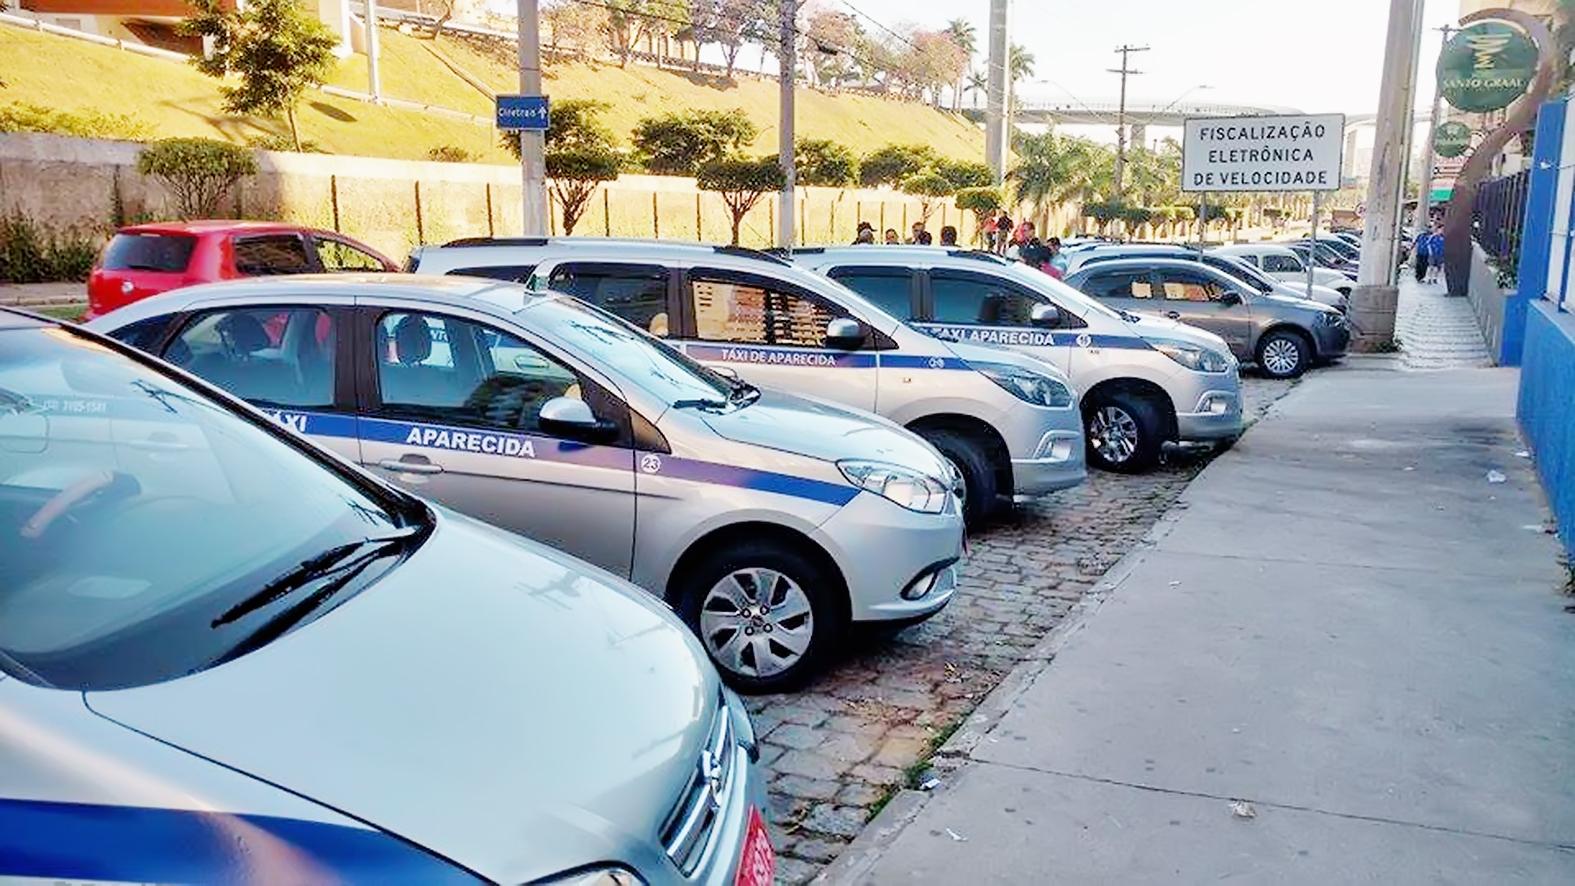 Táxis estacionados em ponto na região central de Aparecida; setor é alvo de polêmica com alvarás (Foto: Arquivo Atos)